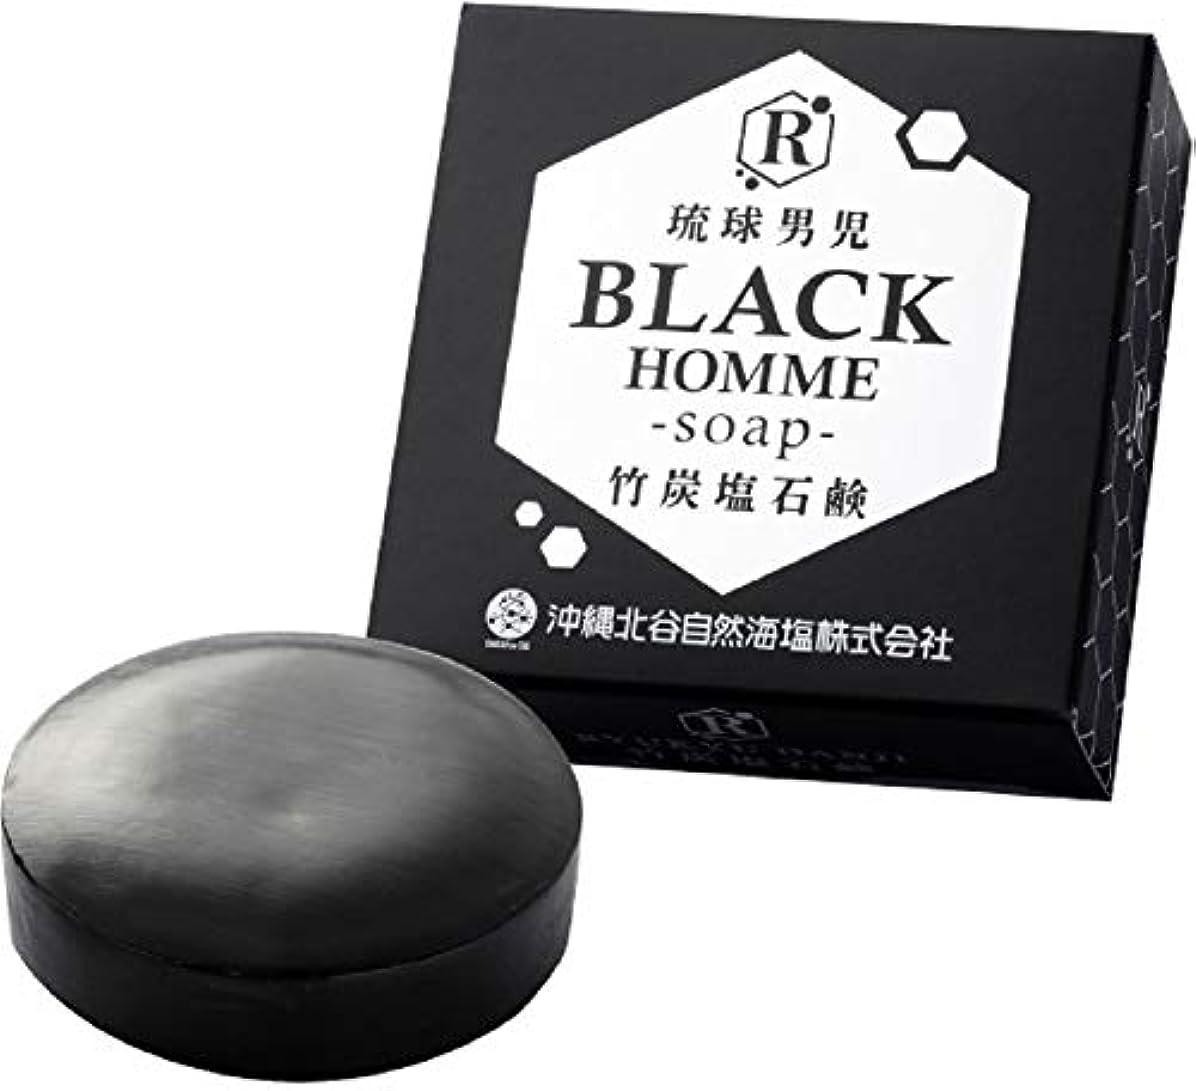 世界の窓兄速報【3個セット】琉球男児 竹炭塩石鹸 BLACK HOMME-soap- 60g 泡立てネット付き